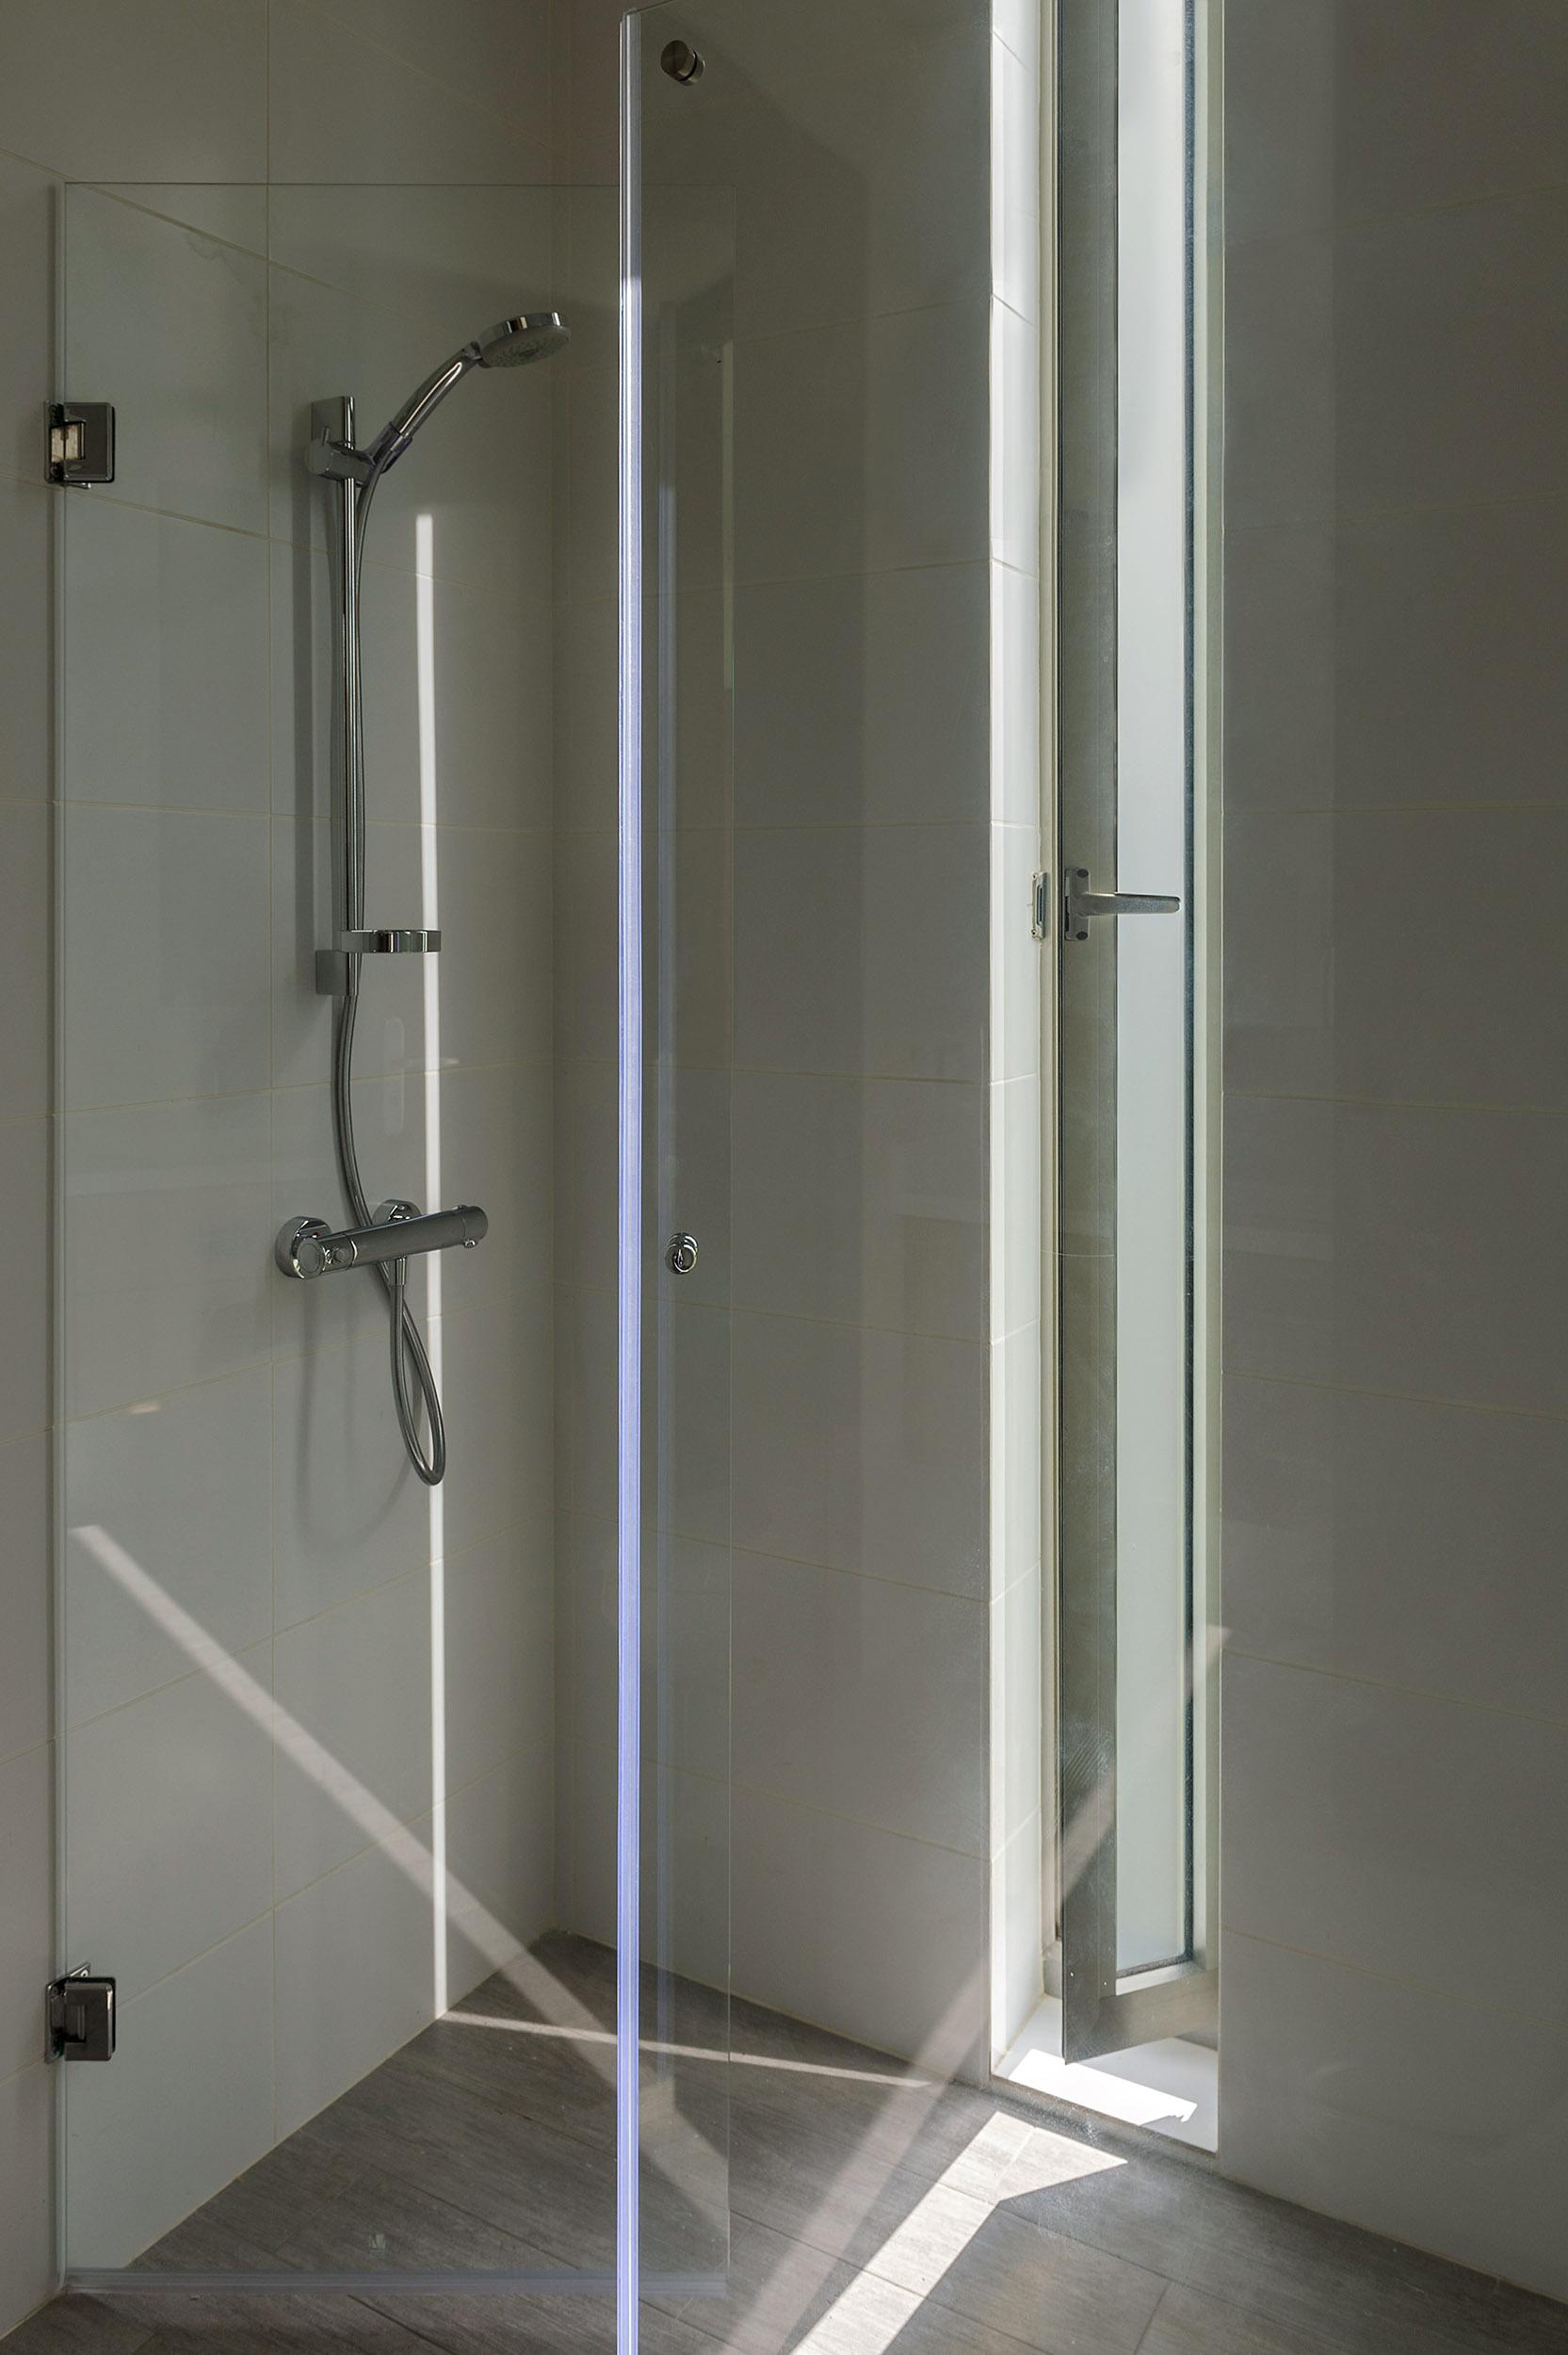 Ducha compuesta por una elegante cortina de vidrio transparente que favorece a su iluminación